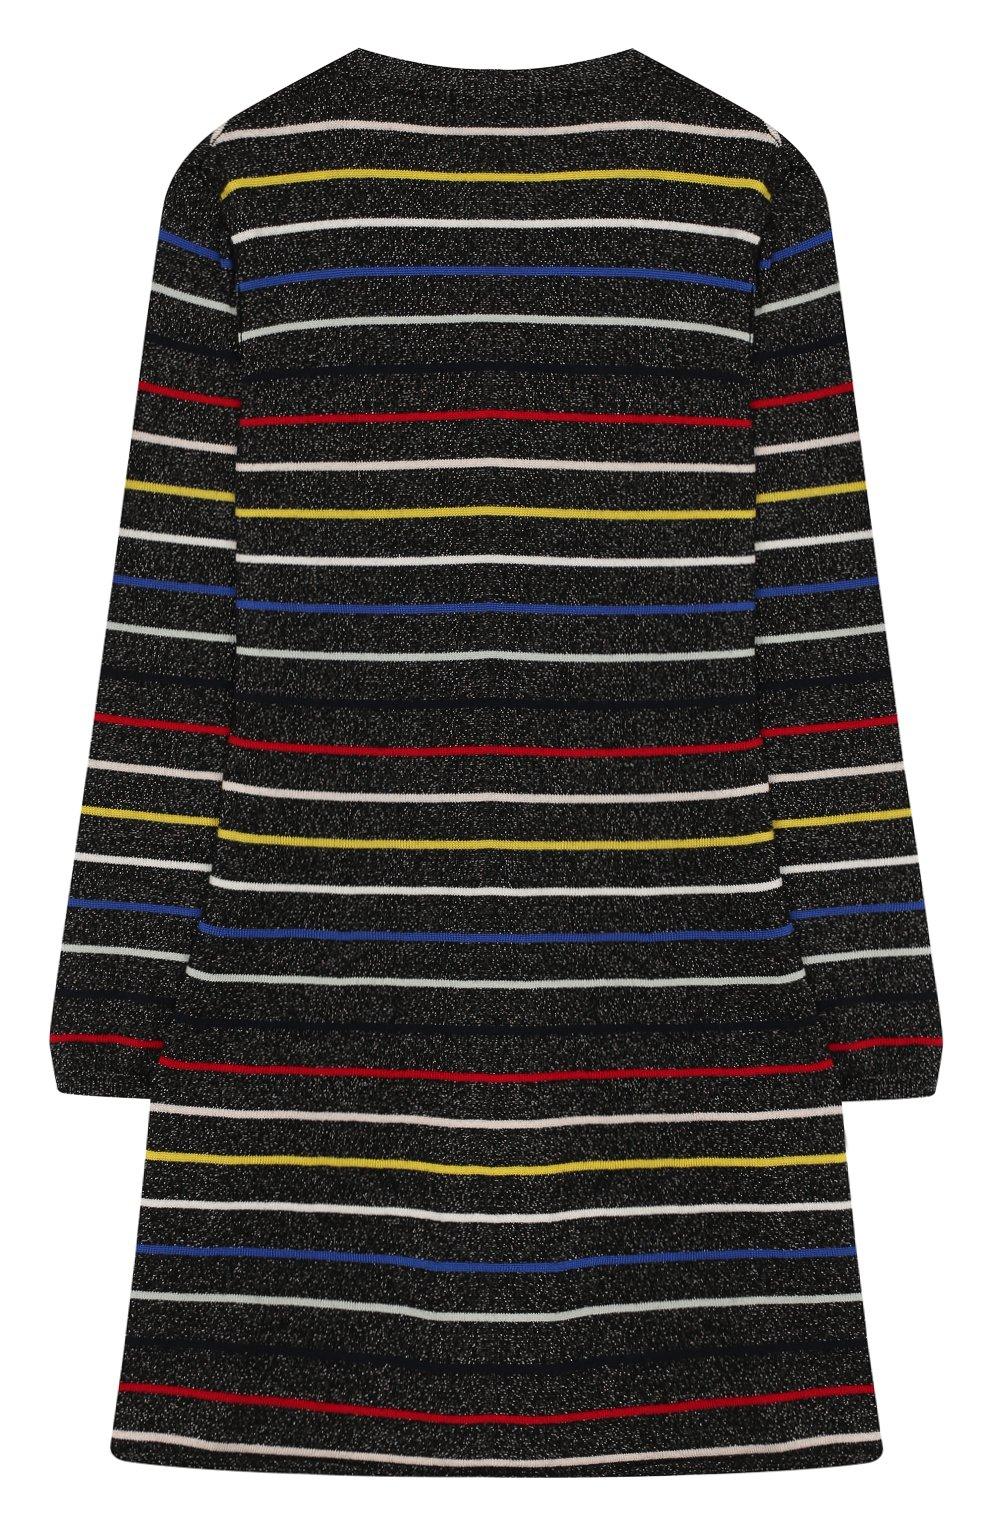 Детское платье из хлопка и шерсти SONIA RYKIEL ENFANT разноцветного цвета, арт. 19W1DR03 | Фото 2 (Материал внешний: Шерсть, Хлопок; Рукава: Длинные; Статус проверки: Проверено; Ростовка одежда: 13 - 15 лет | 158 см)